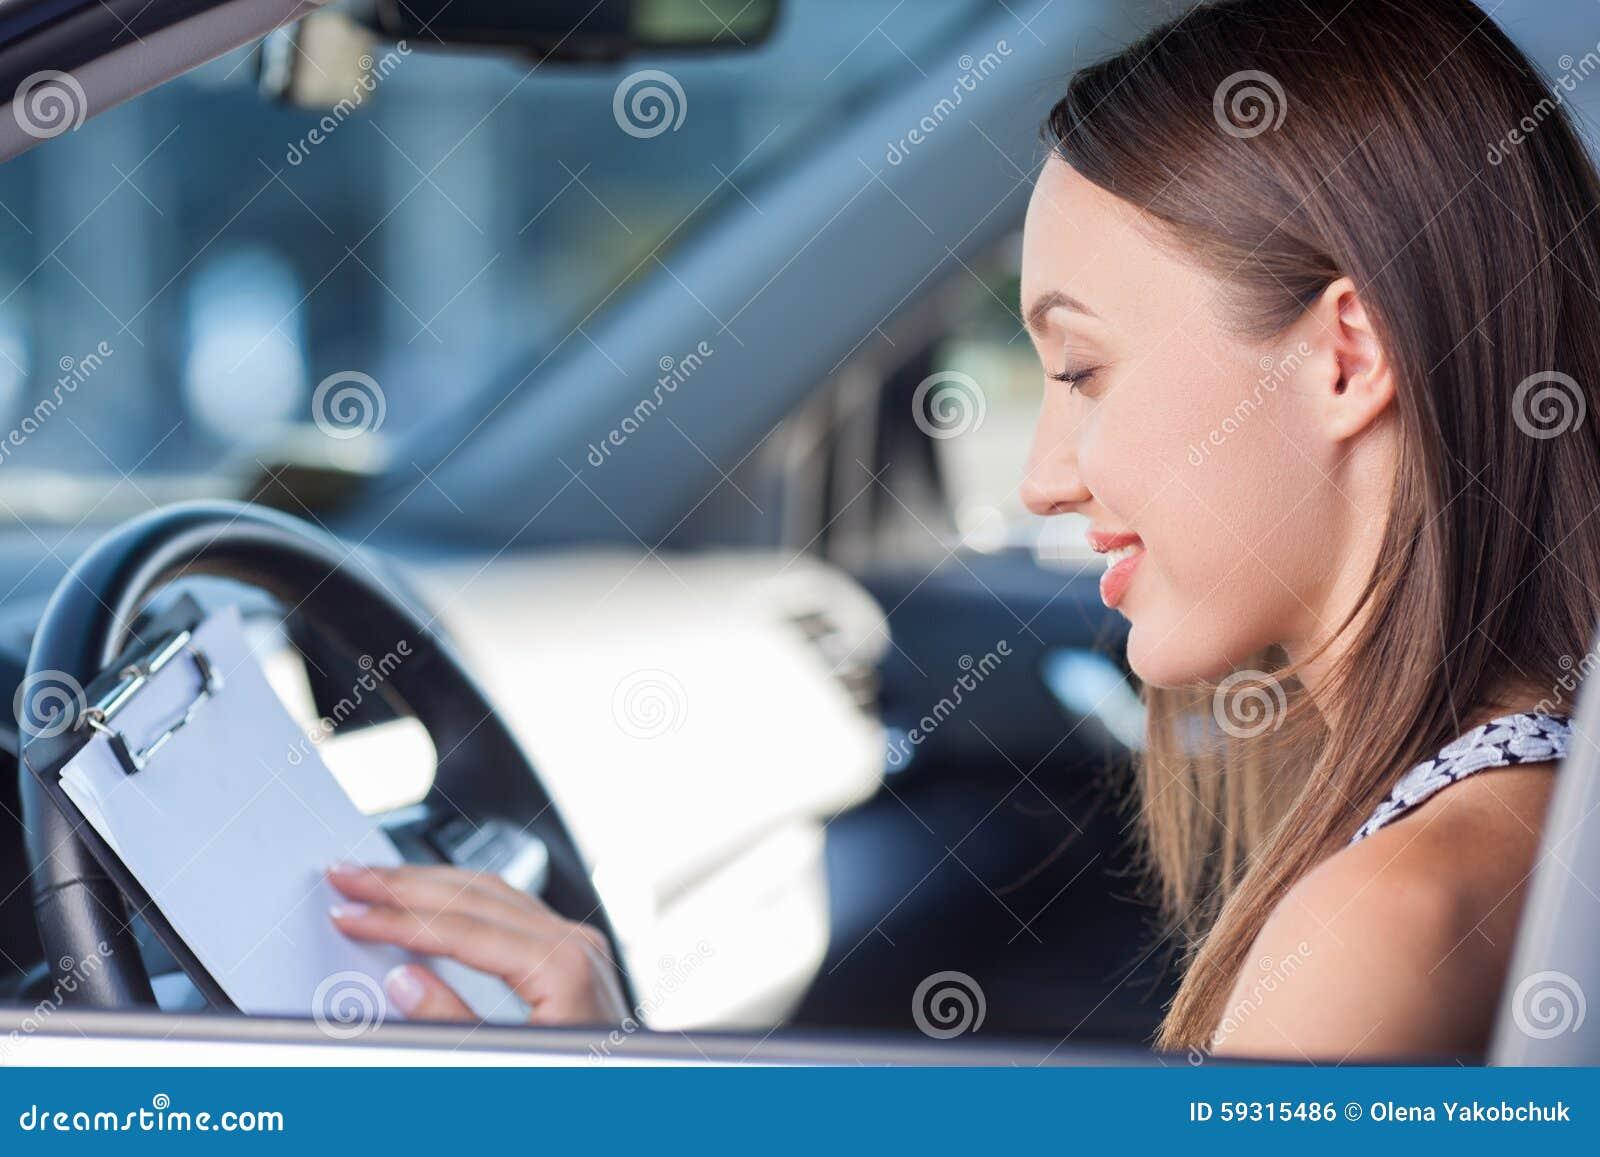 M Lady Car Dealership